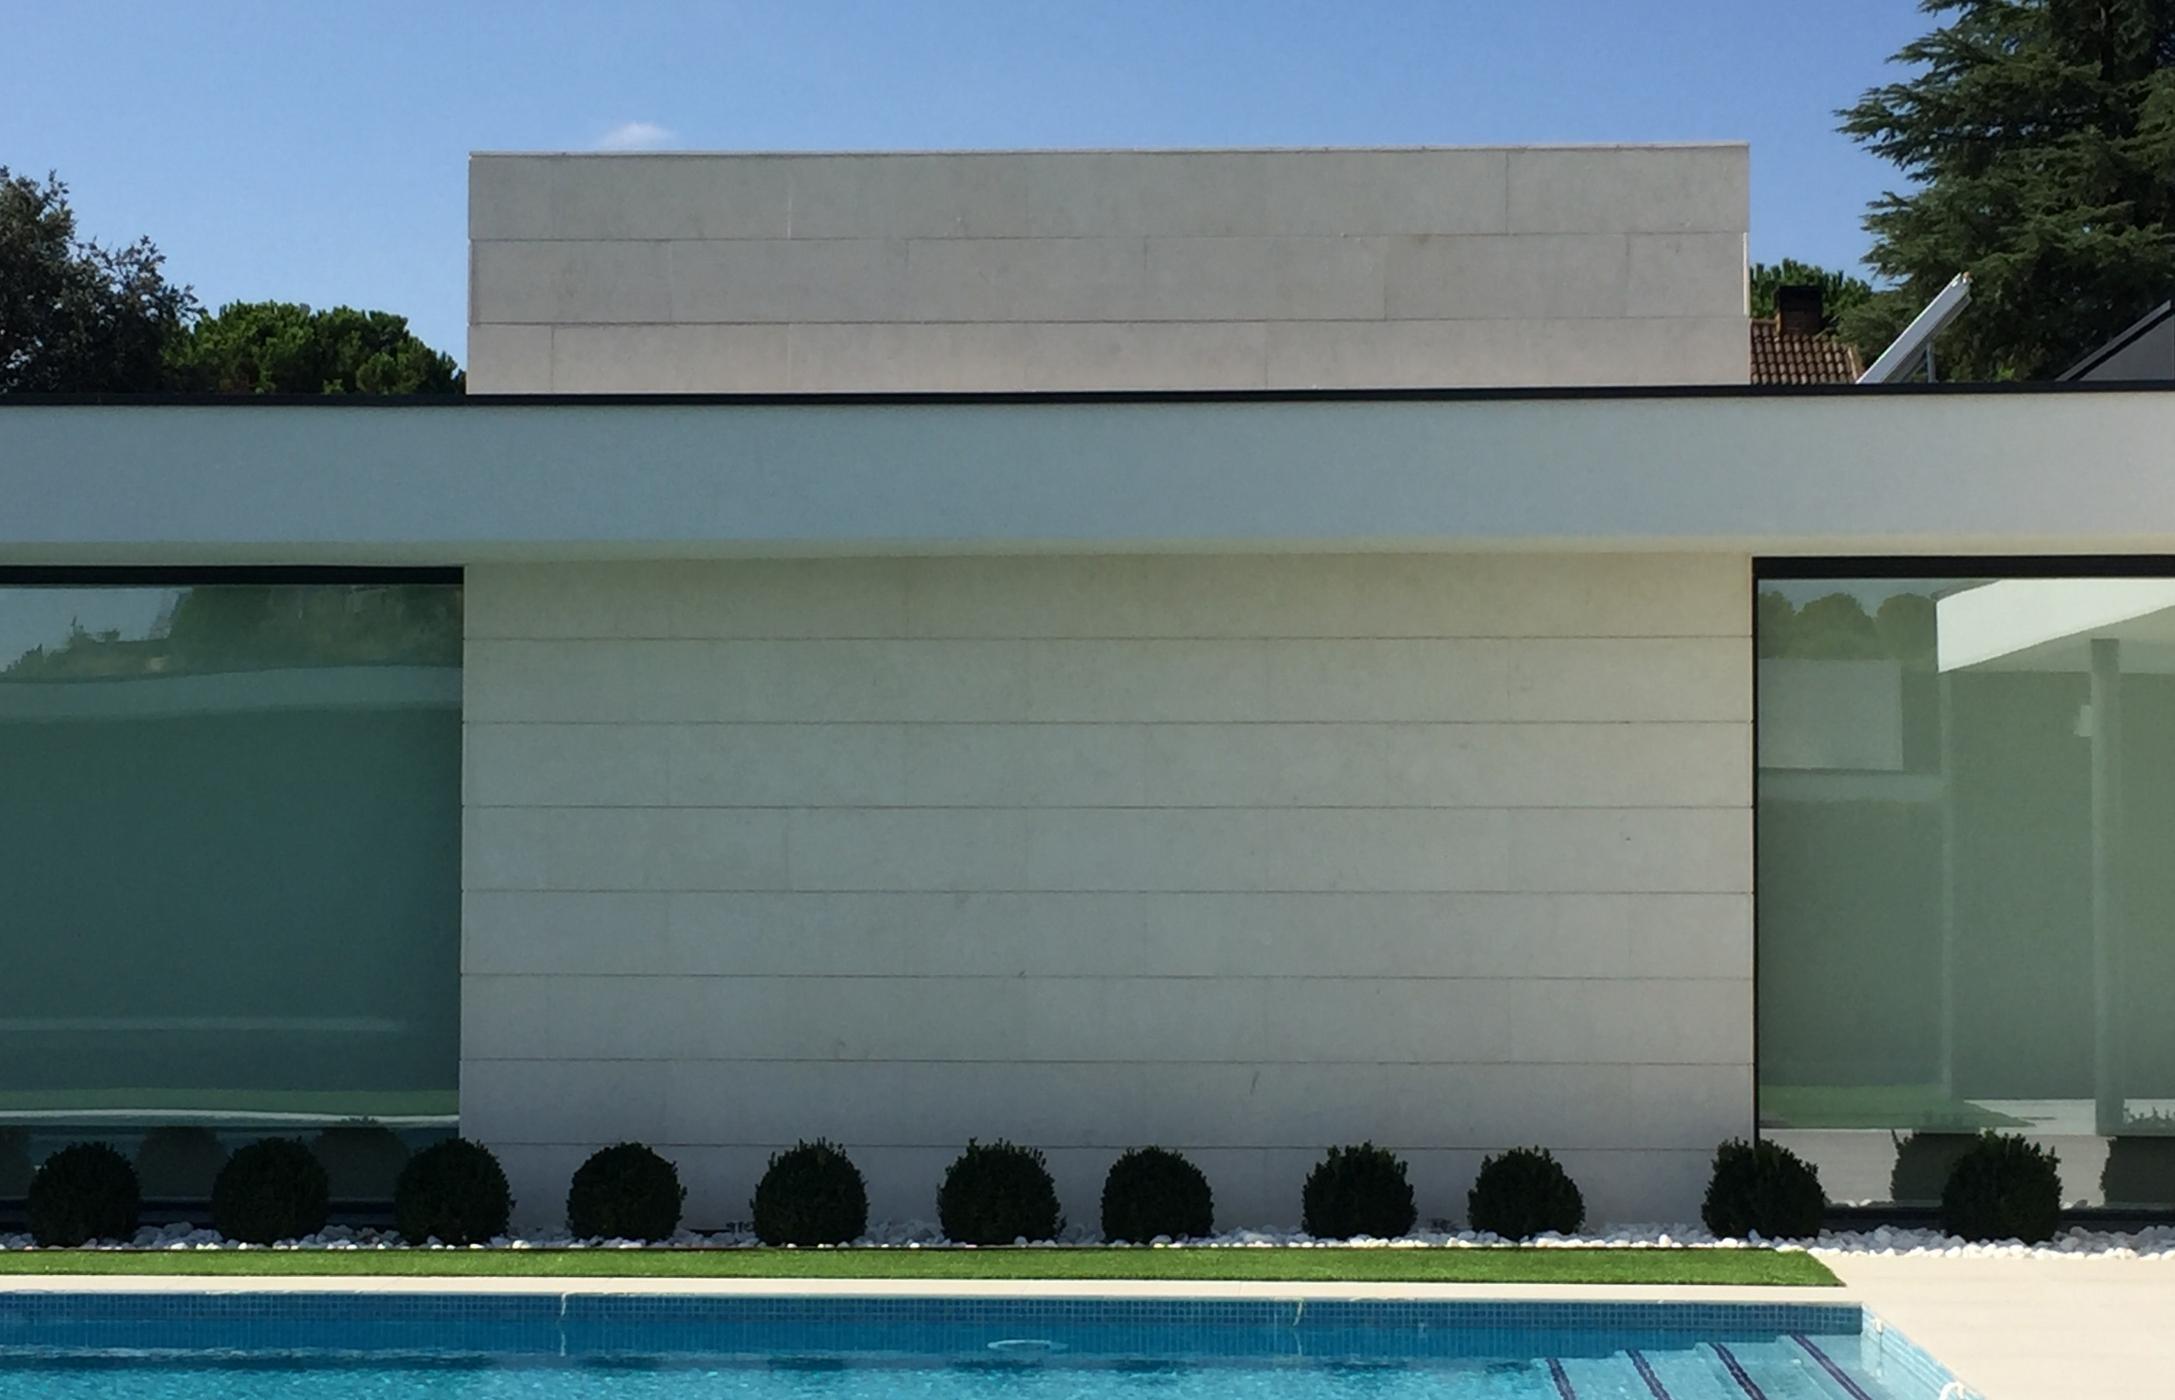 14 viviendas unifamiliares en Boadilla del Monte (Madrid) Un proyecto del estudio de arquitectura FH2L Arquitectos